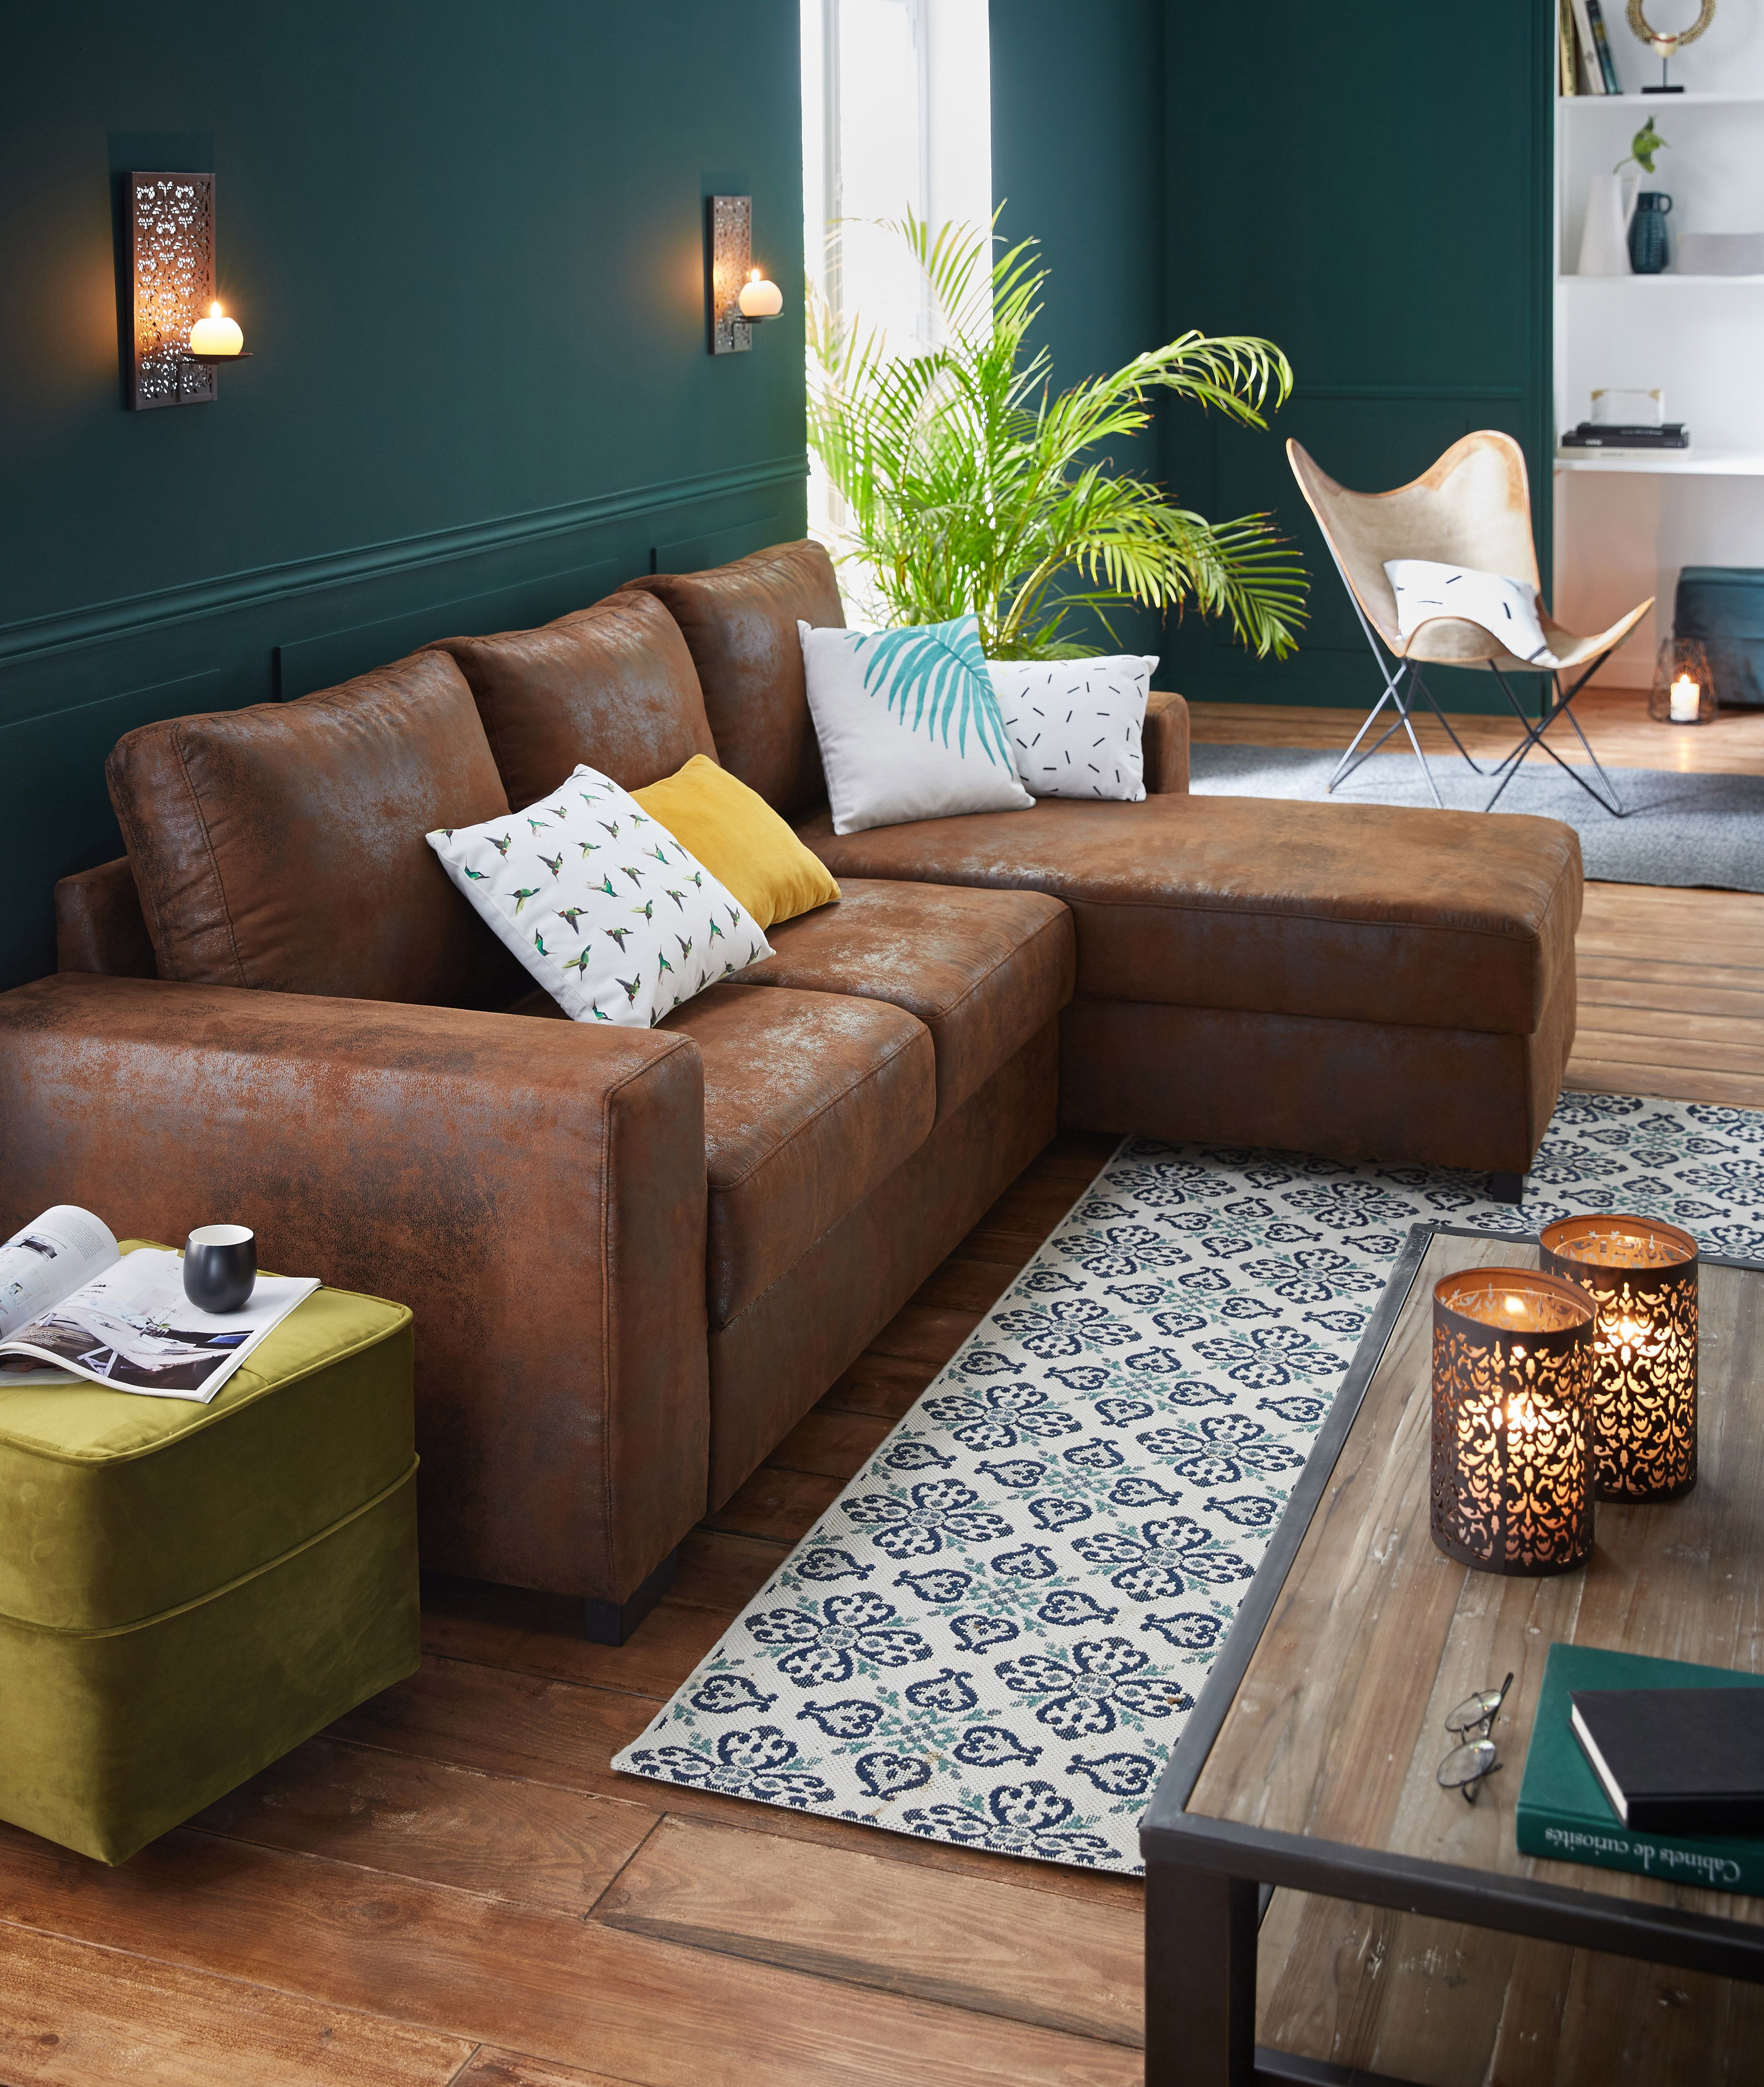 cuba salon canap d 39 angle r versible en cro te de cuir. Black Bedroom Furniture Sets. Home Design Ideas